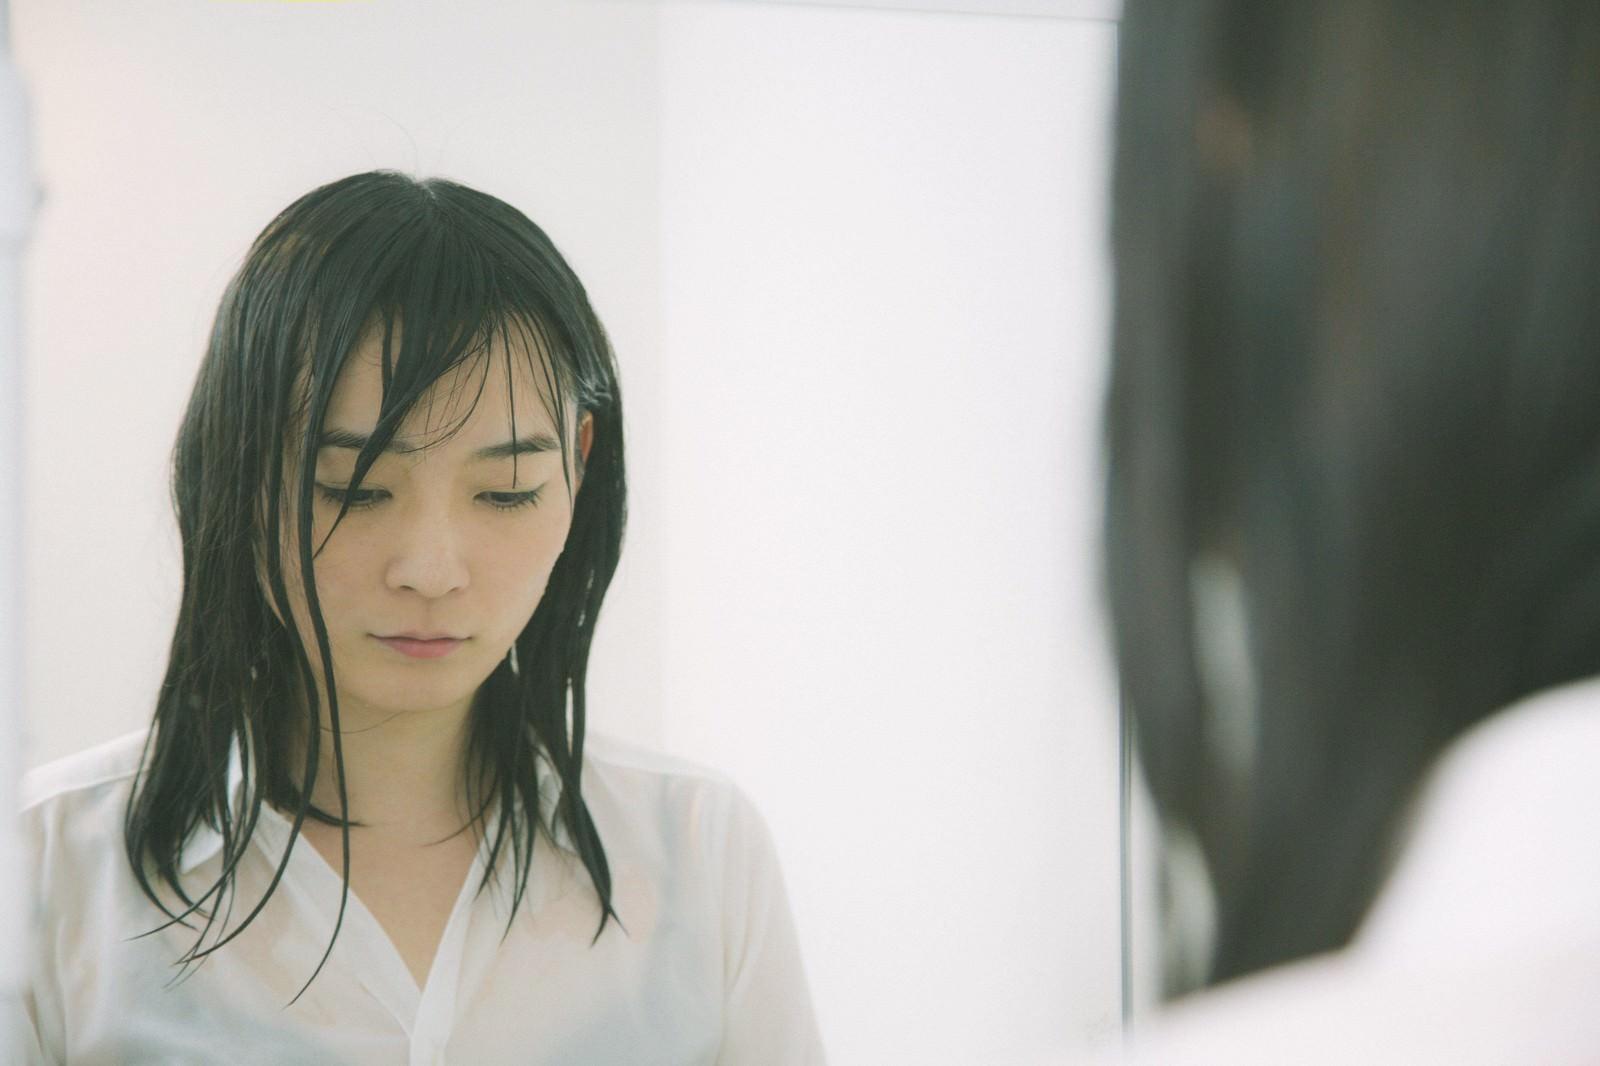 「土砂降りの中傘をささずに帰宅した雨女土砂降りの中傘をささずに帰宅した雨女」[モデル:たけべともこ]のフリー写真素材を拡大